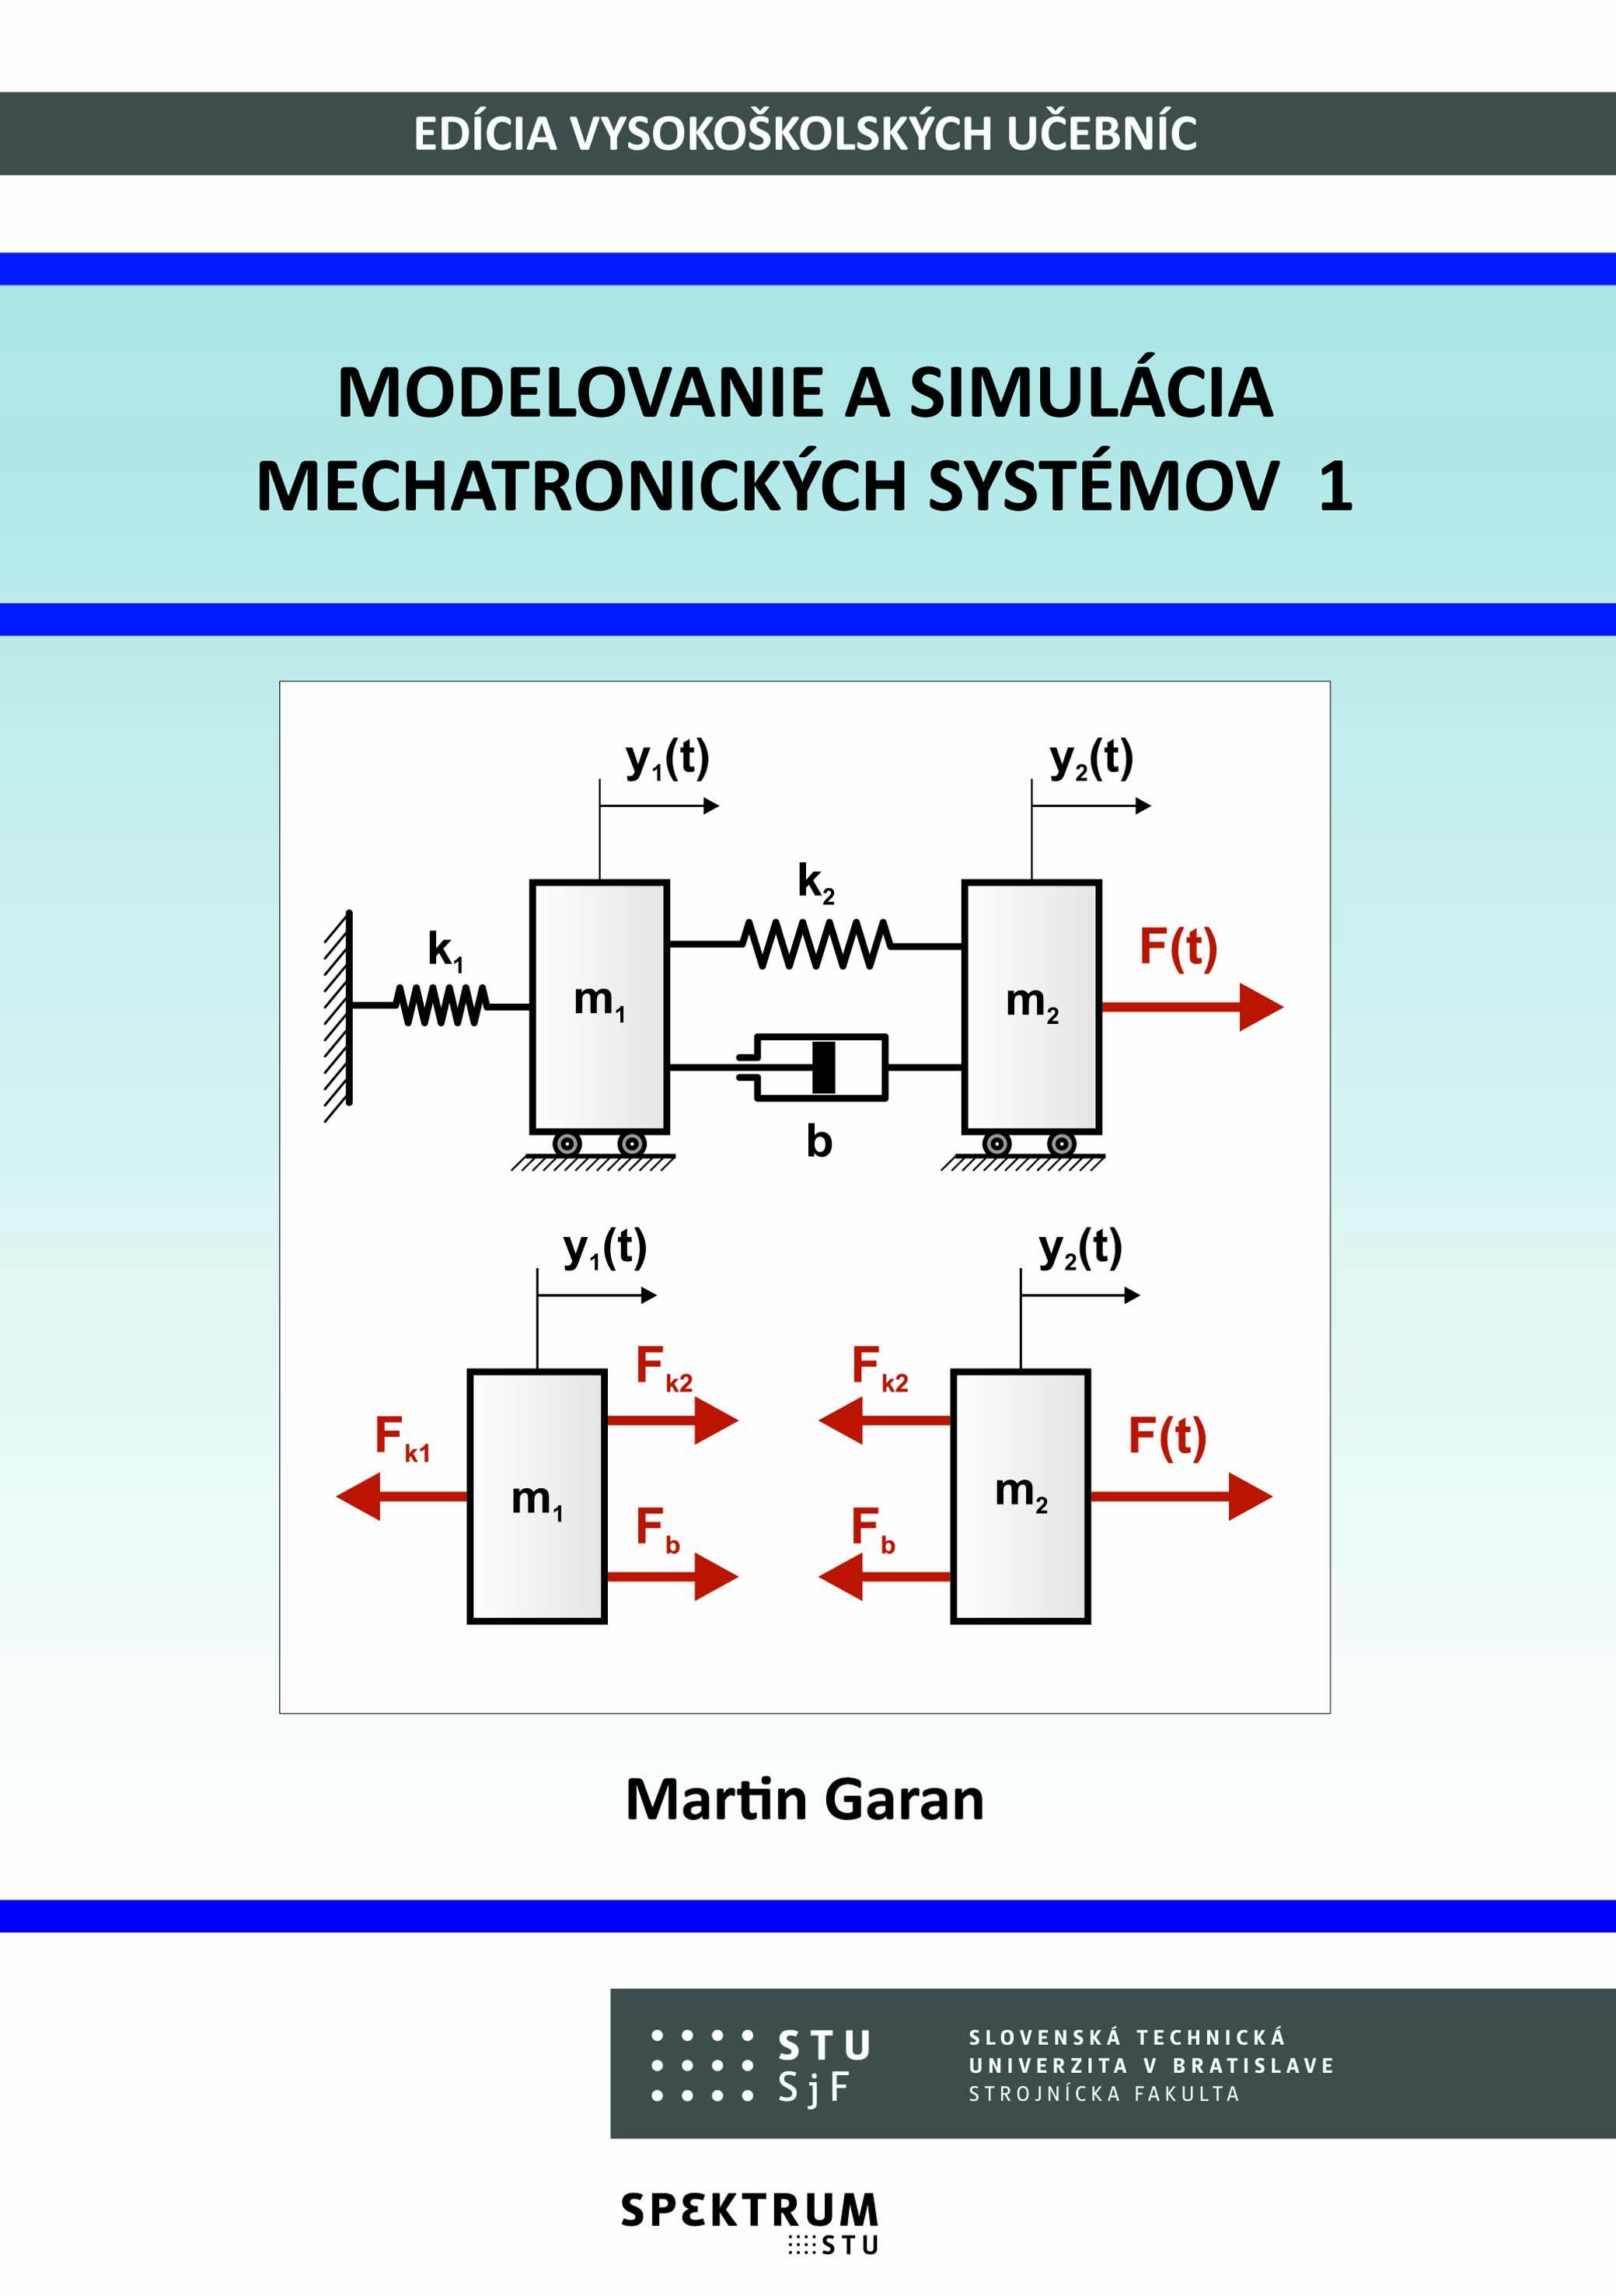 Modelovanie a simulácia mechatronických systémov 1 1